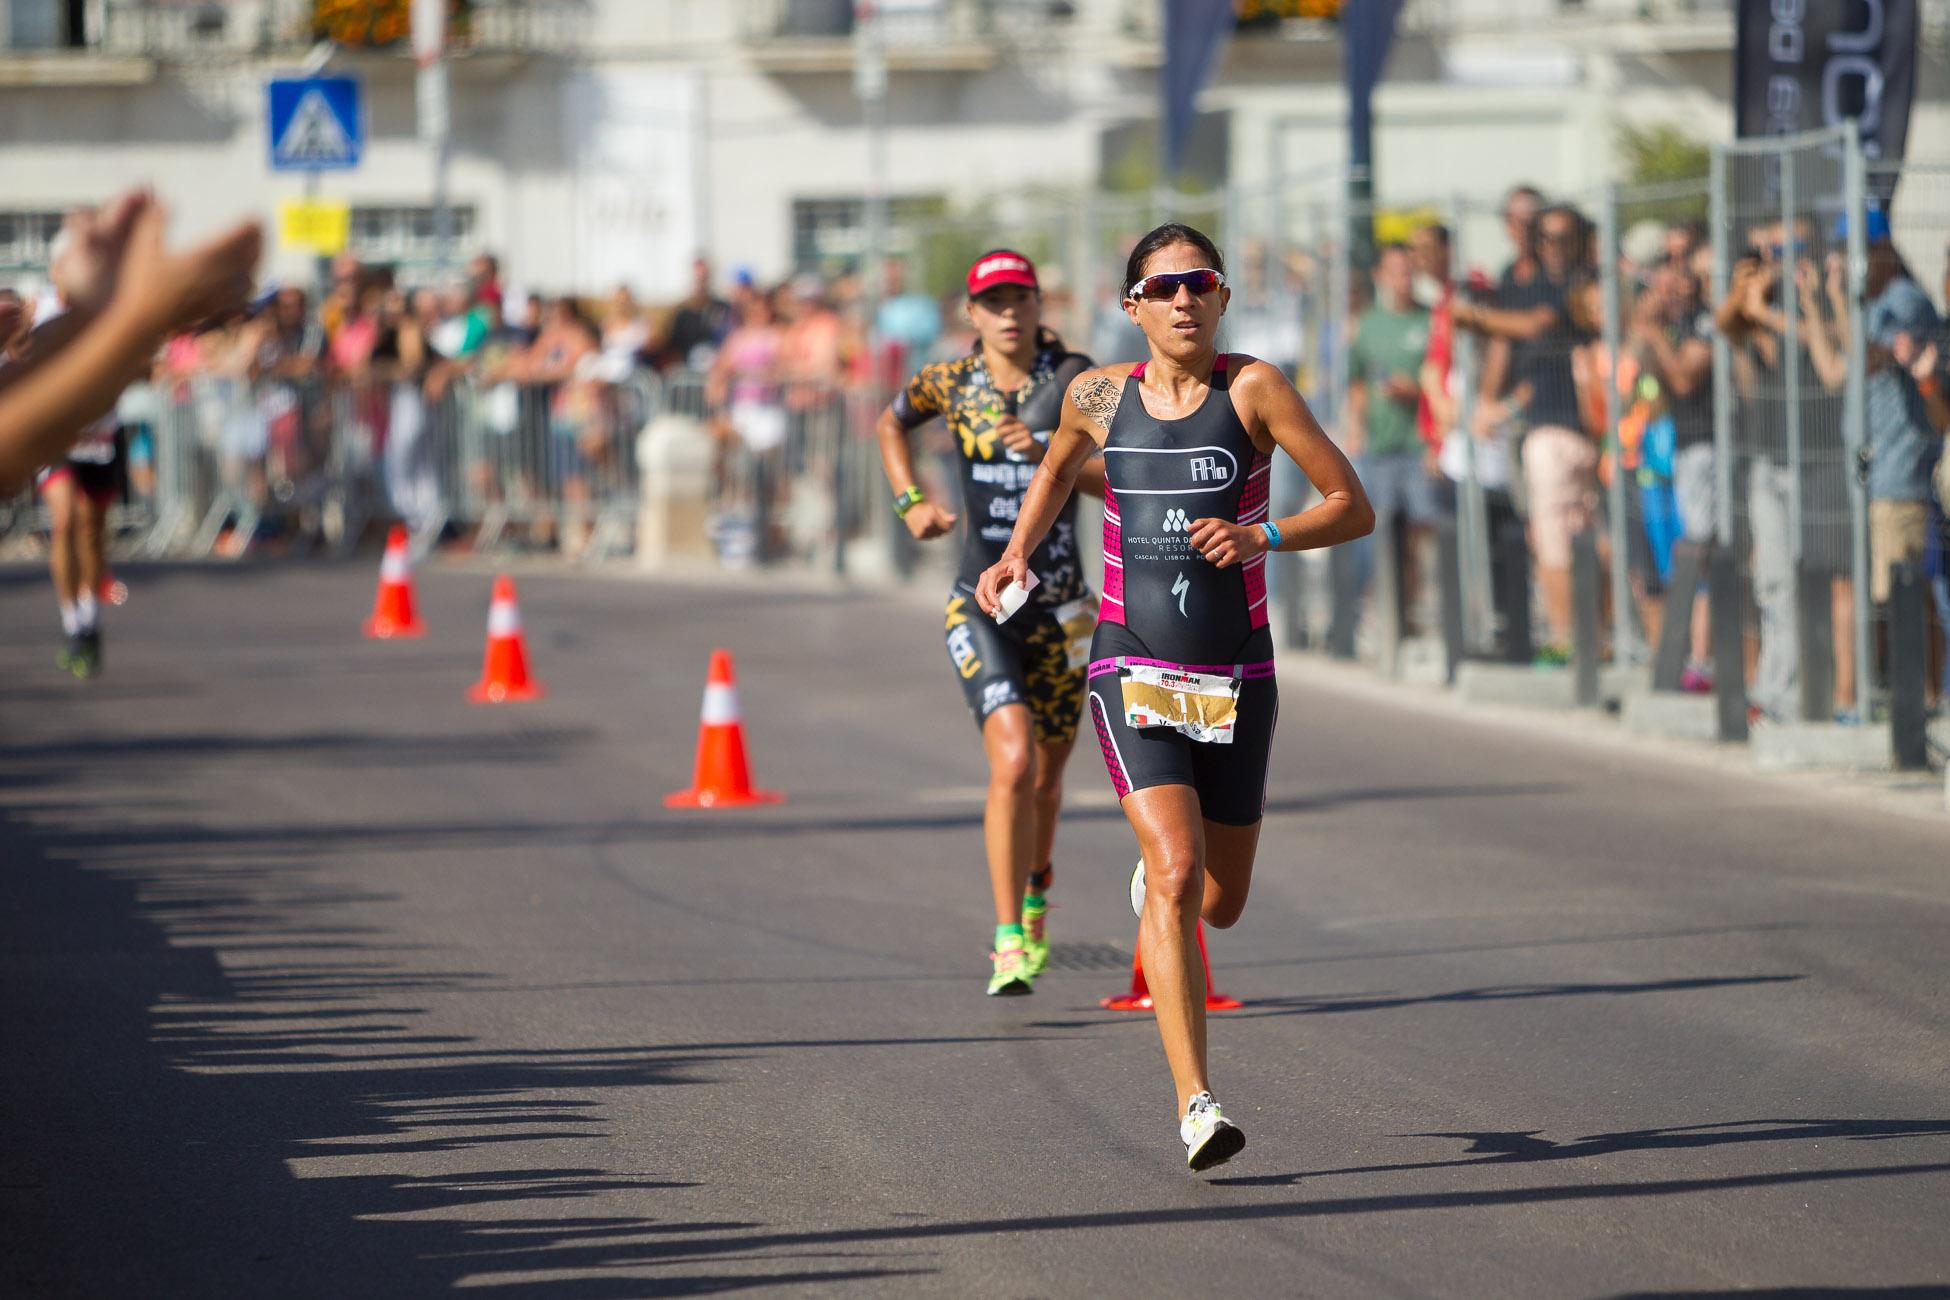 ironman-triatlo-fitness-lifestyle-desporto-atleta-fotografia-014.jpg